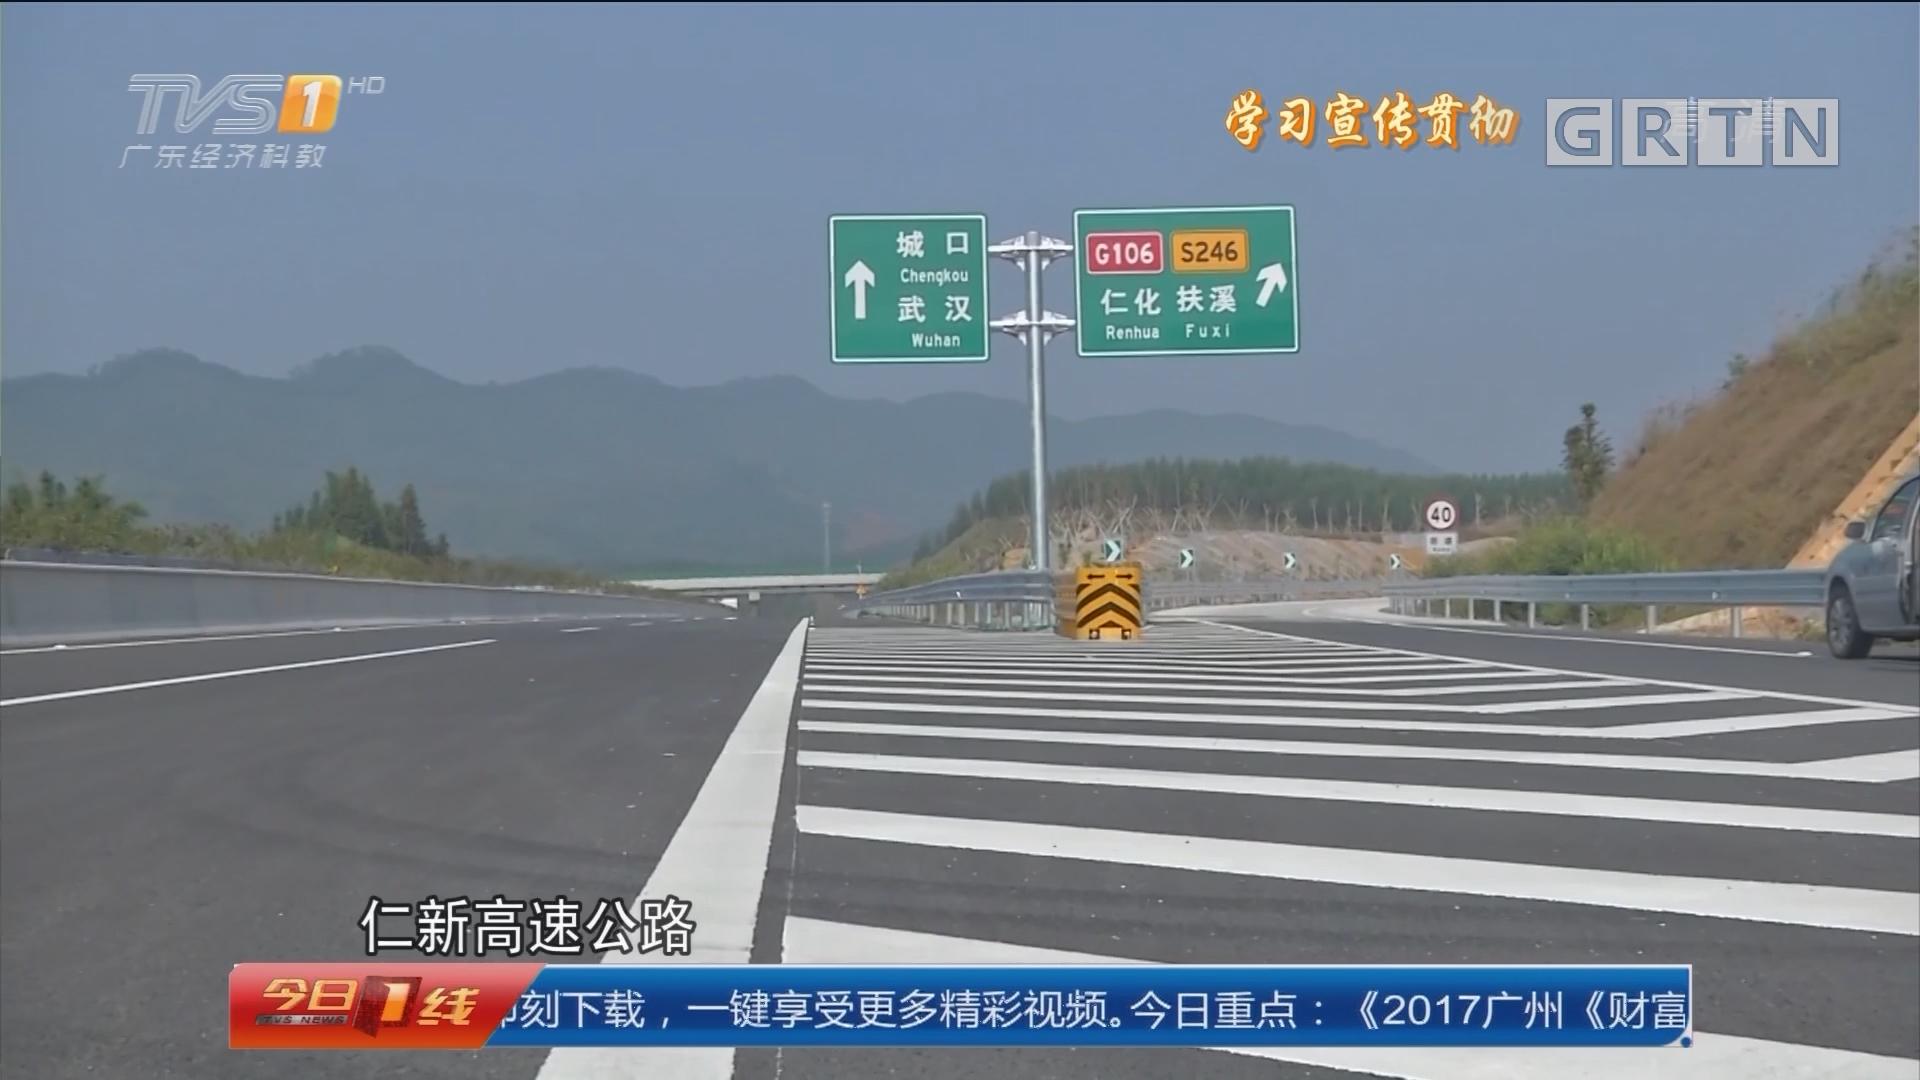 学习宣传贯彻党的十九大精神:到湖南又添新通道 仁新高速月底通车